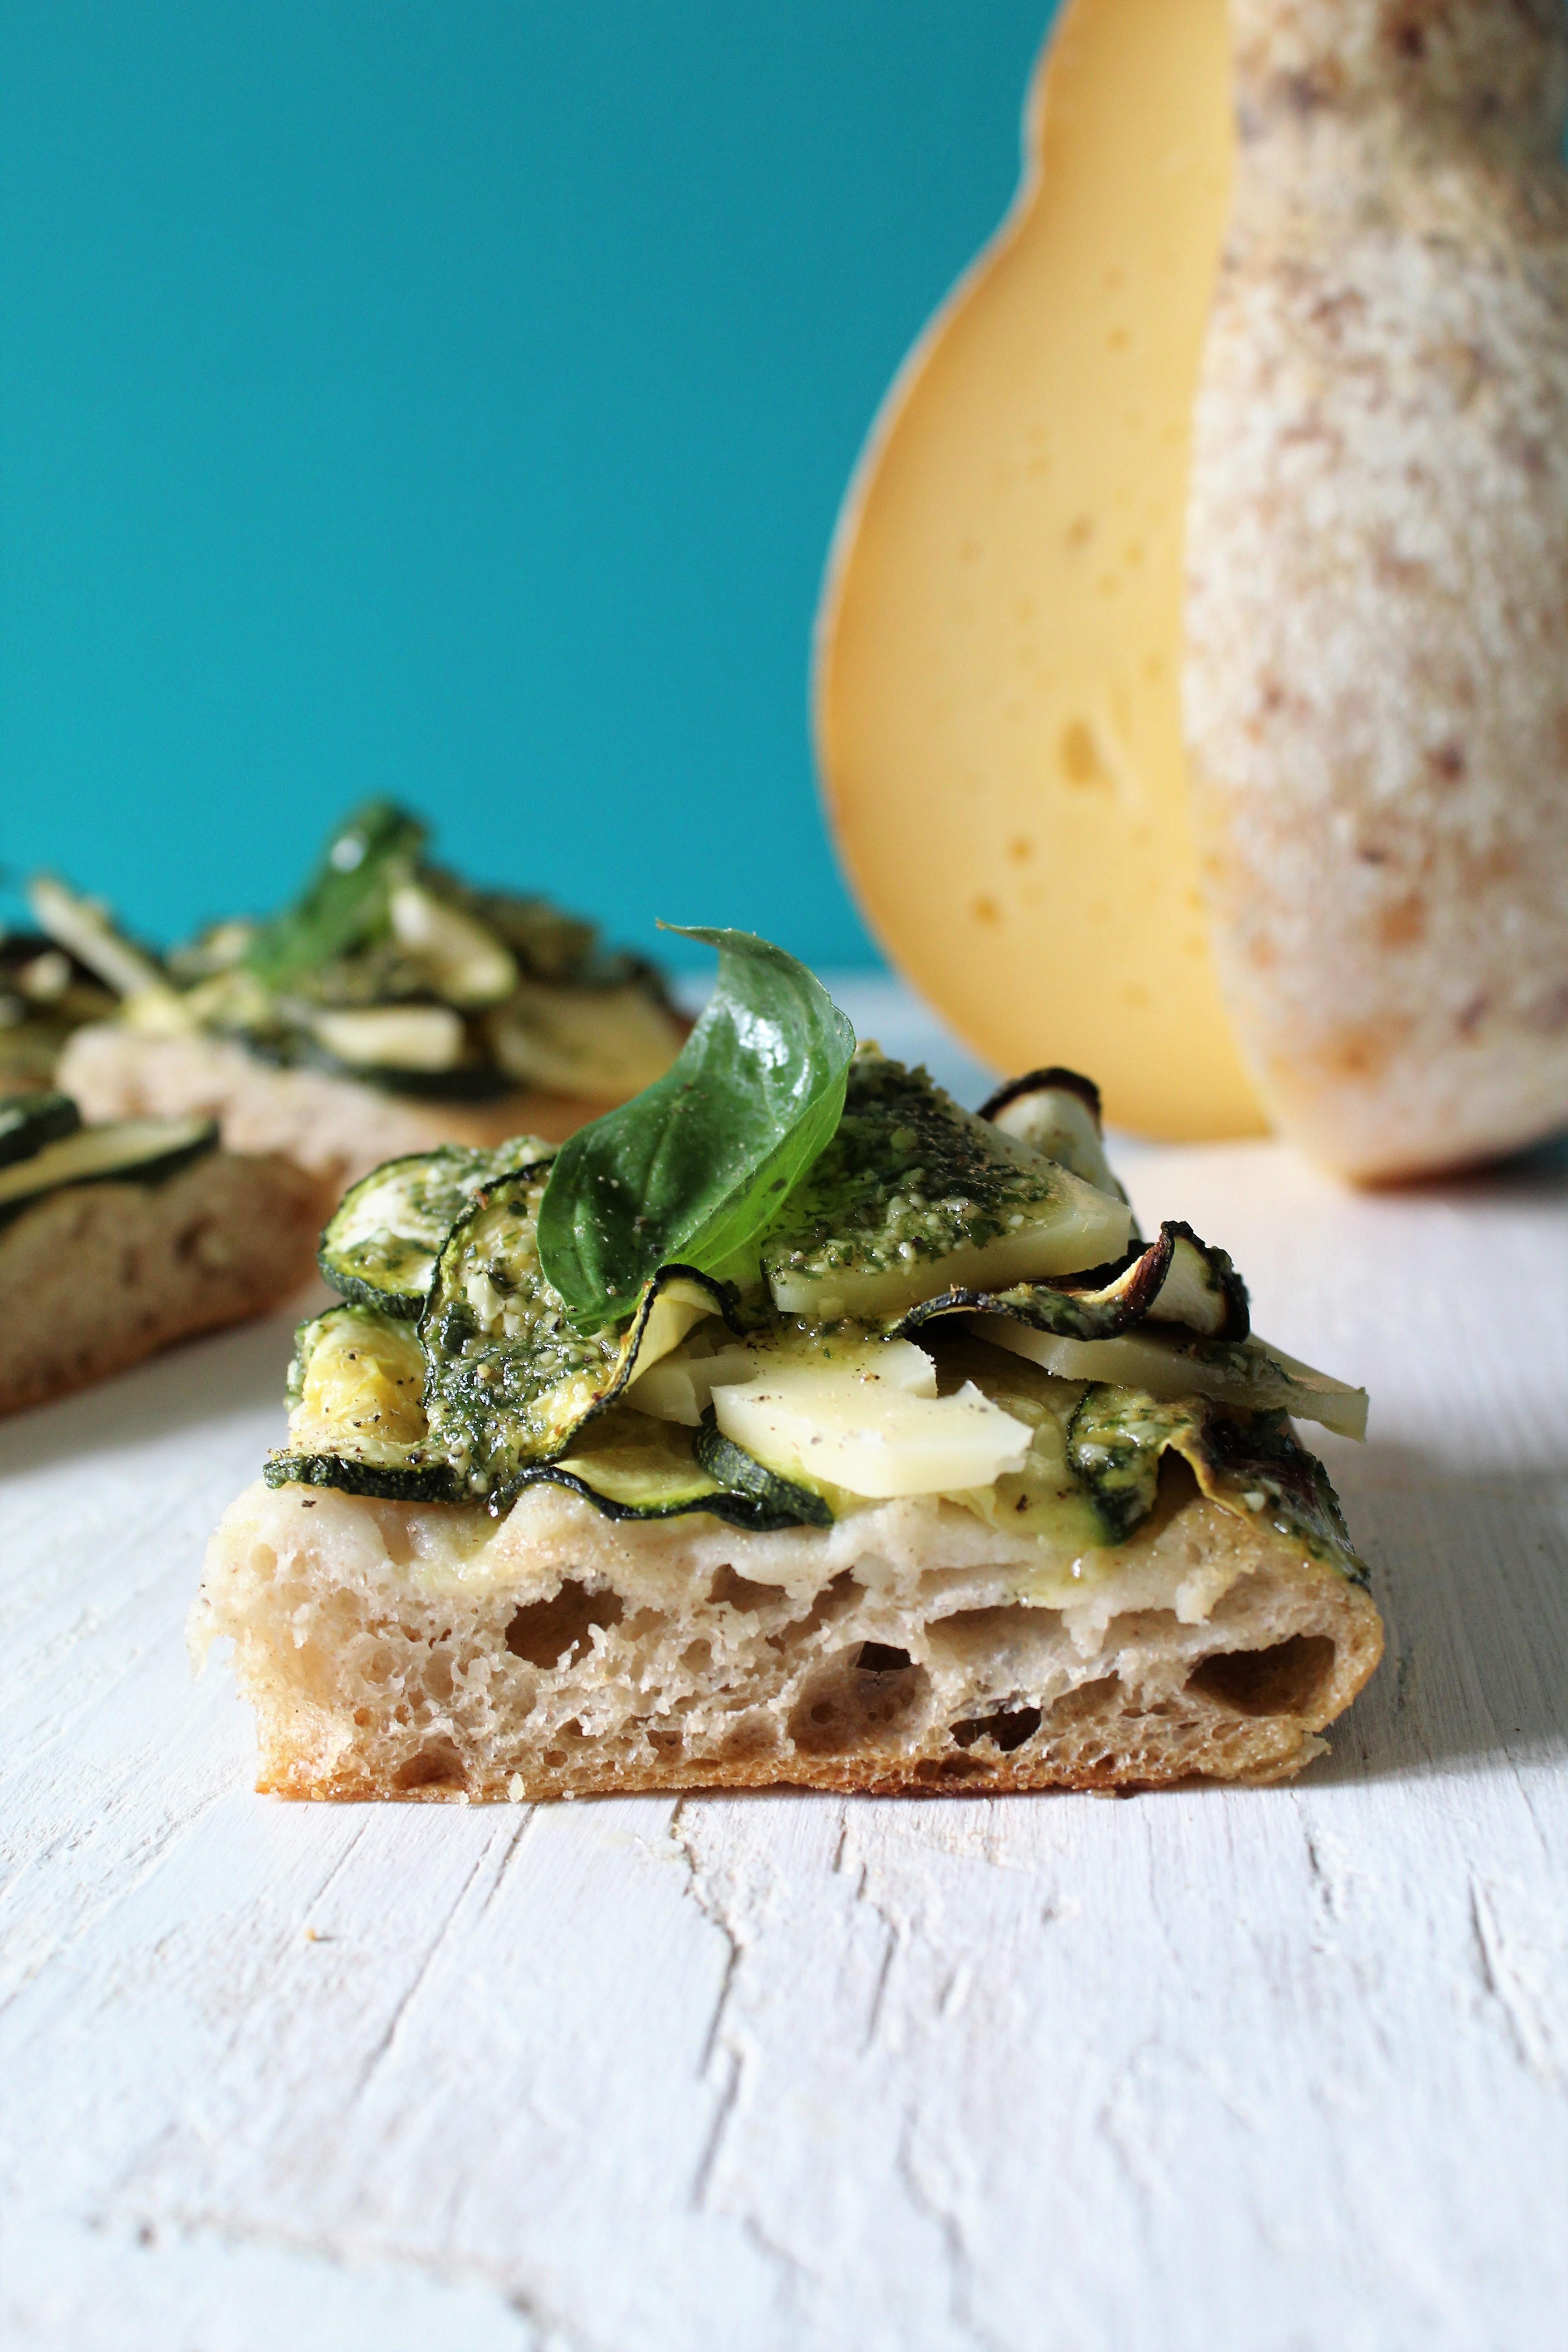 Pizza bianca con zucchine, caciocavallo e pesto basilico e zenzero